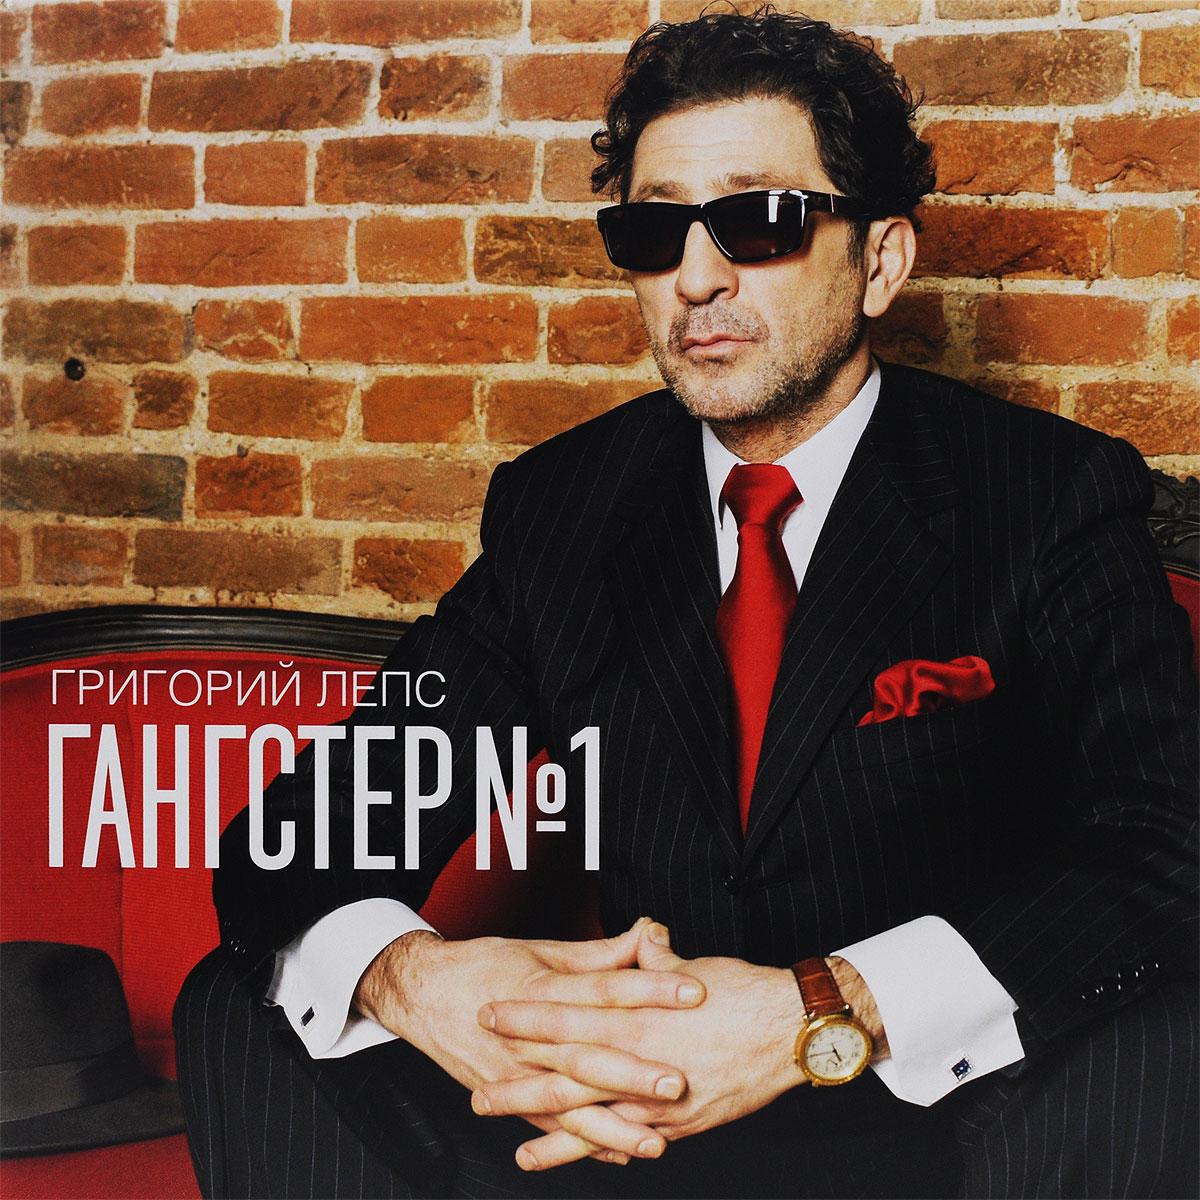 Григорий Лепс Григорий Лепс. Гангстер №1 (2 LP) cd григорий лепс ты чего такой серьезный